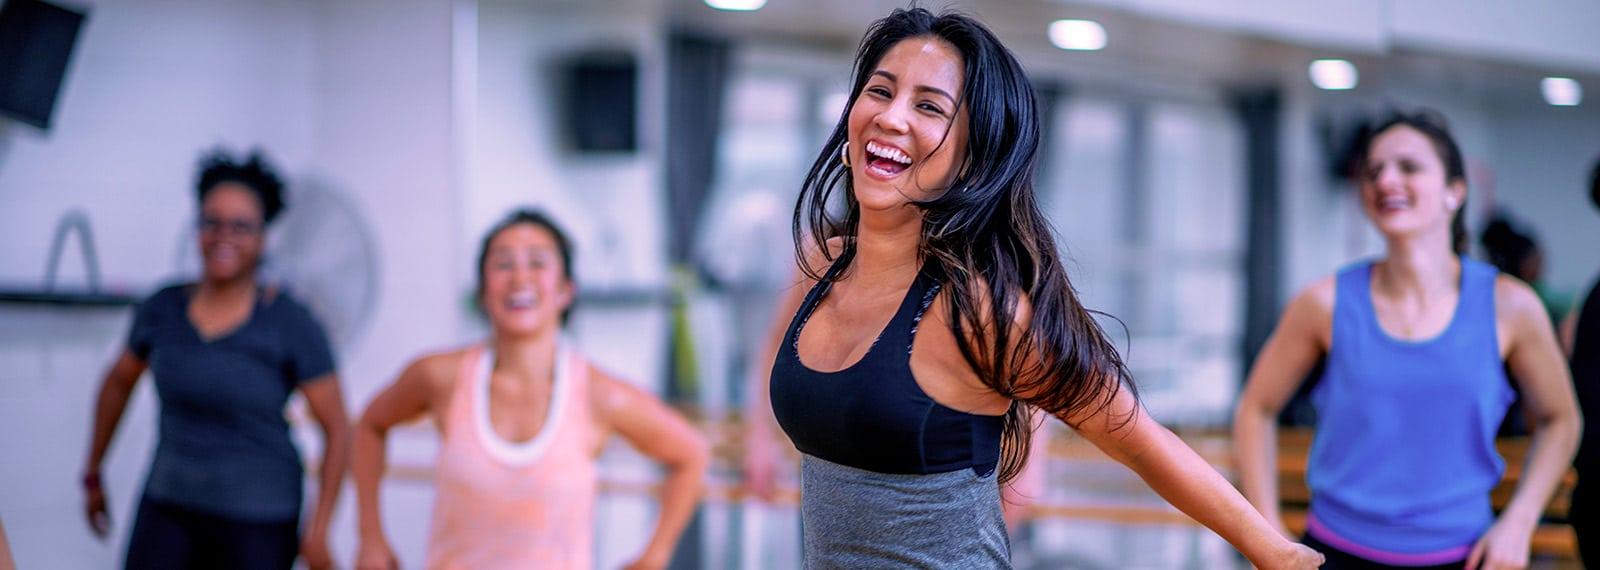 Glückliche junge Frau im Fitnesskurs